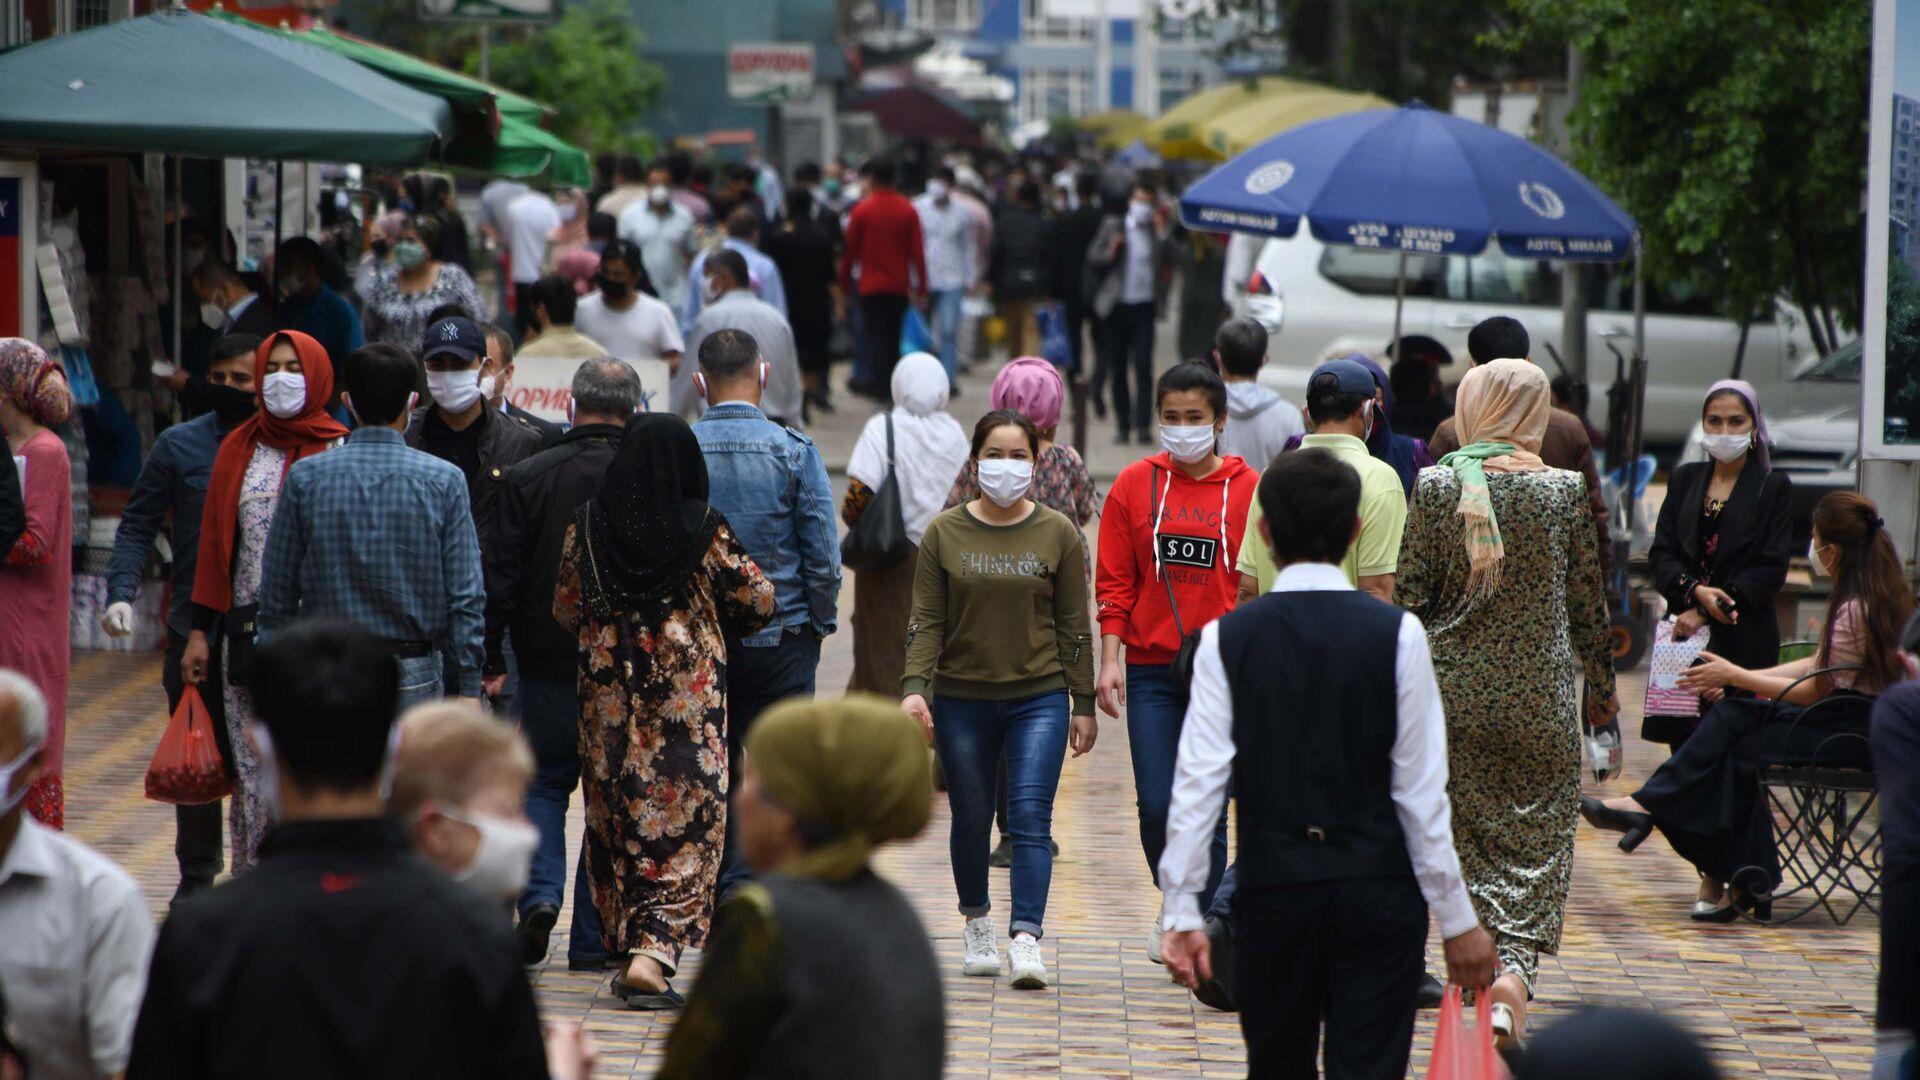 Жители города Душанбе в медицинских масках на улице - Sputnik Тоҷикистон, 1920, 21.08.2021